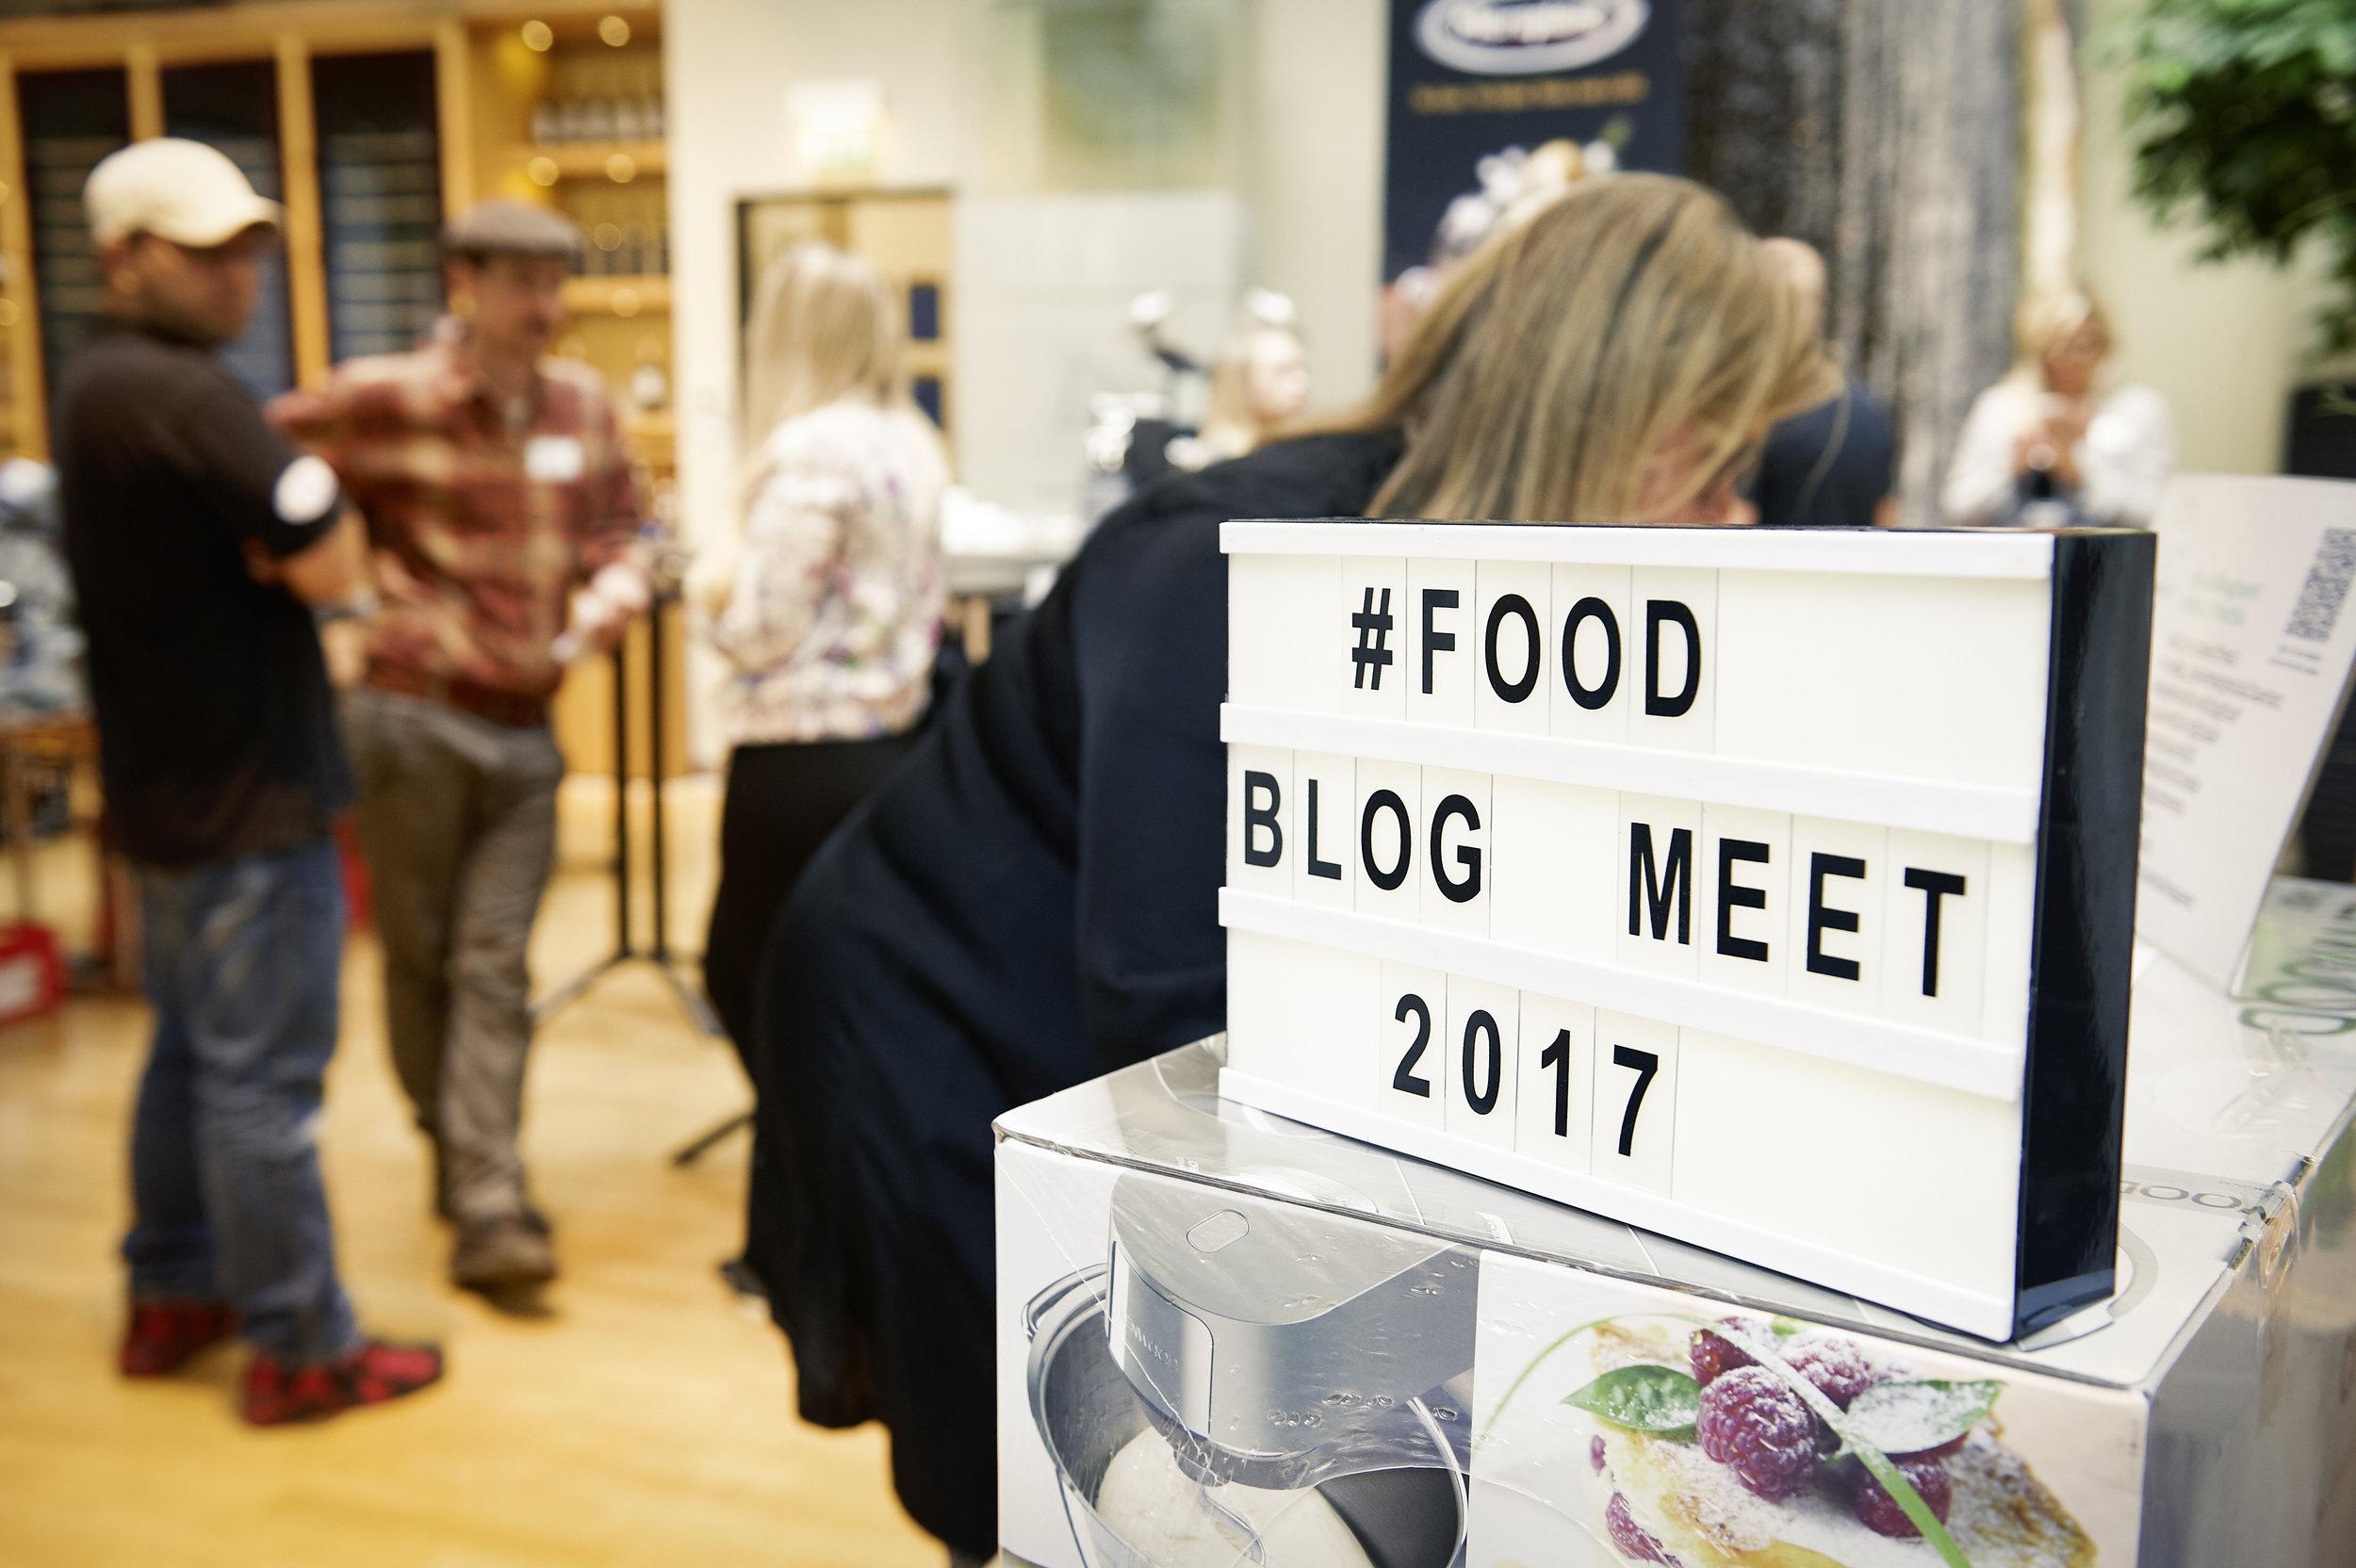 Food_Blog_Meet_Berlin_01.jpg